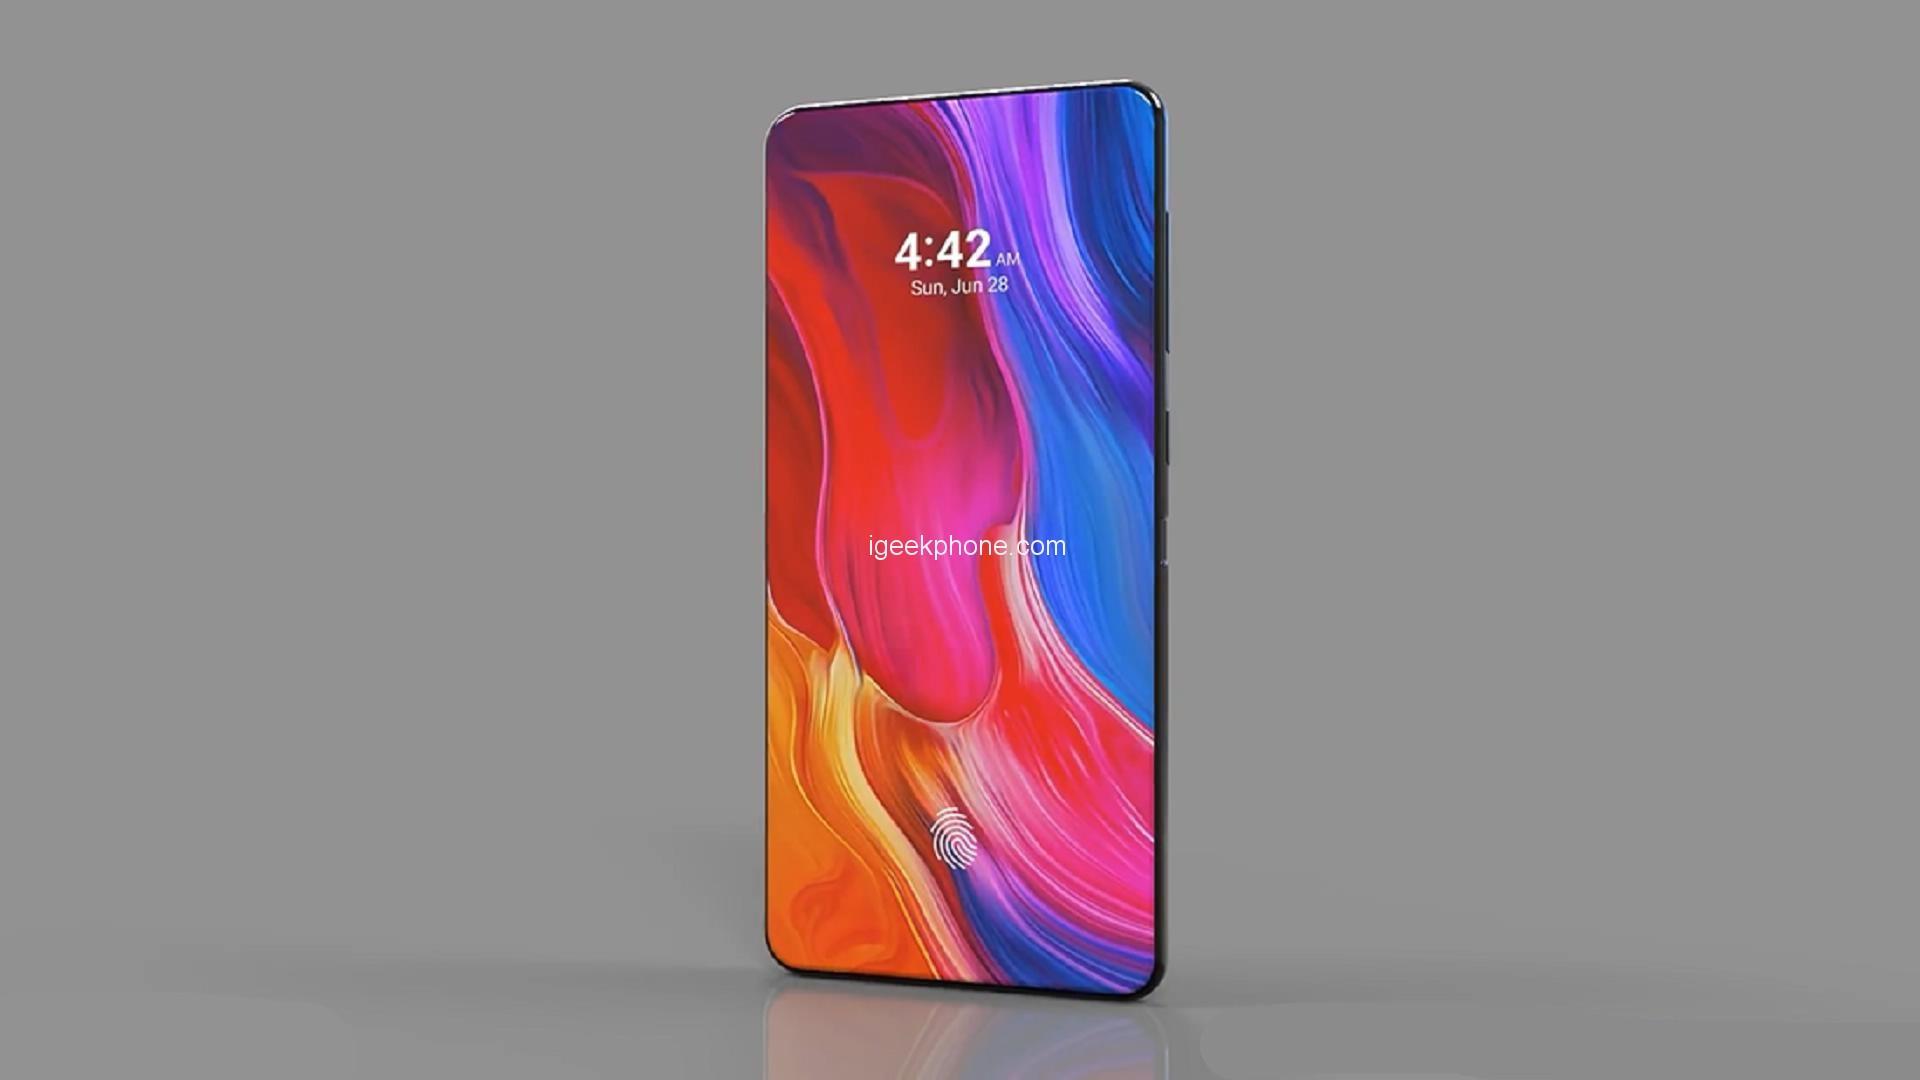 新机「上手」视频曝光,小米的折叠屏手机要来了?_0